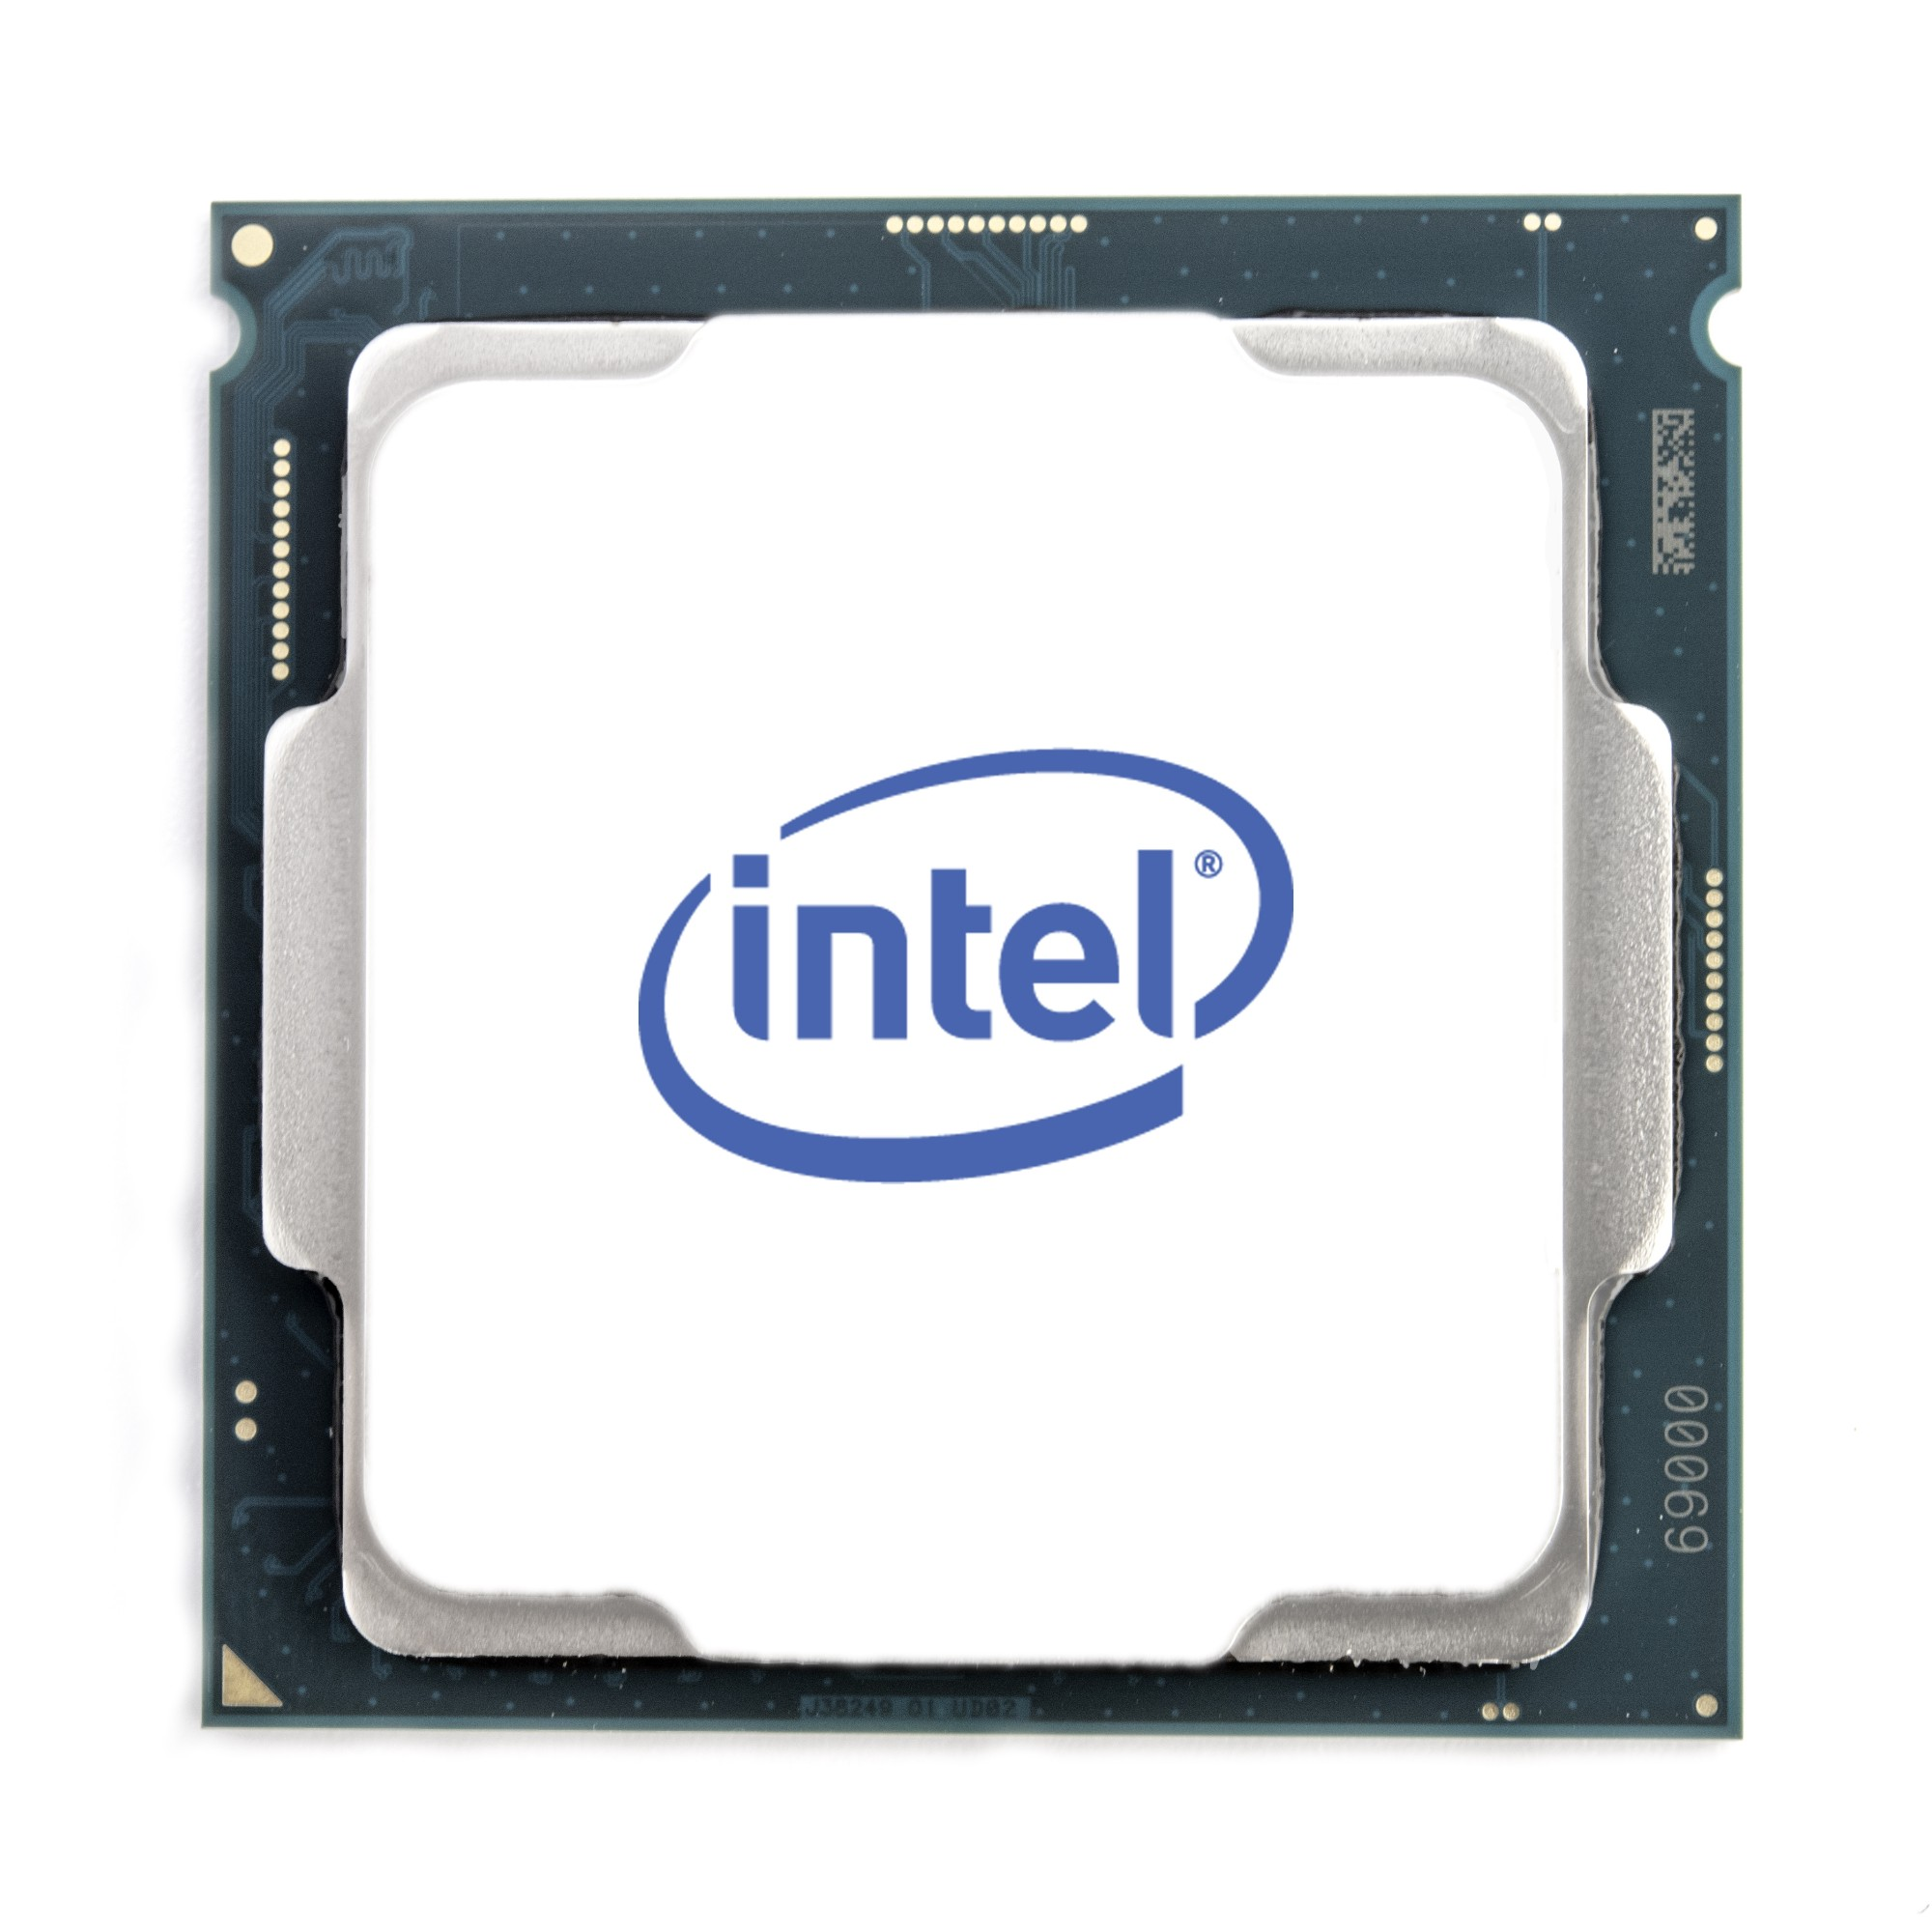 Intel Core i5-10500 processor 3.1 GHz 12 MB Smart Cache Box